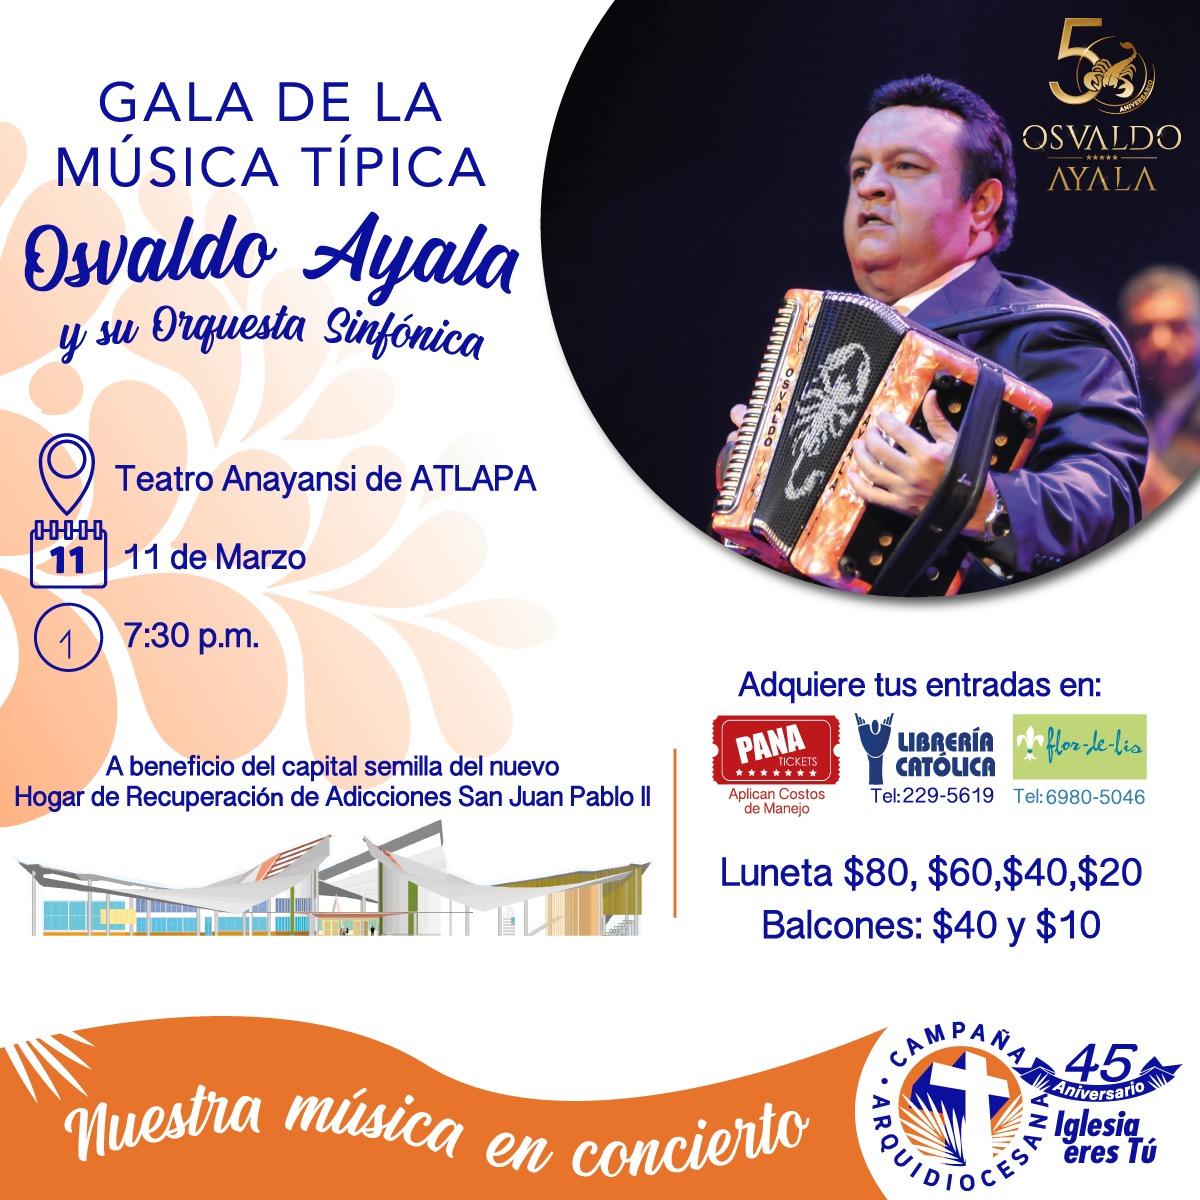 """Campaña Arquidiocesana celebrará sus 45 años con la  """"Gala de la Música Típica"""" de Osvaldo Ayala y su orquesta sinfónica"""